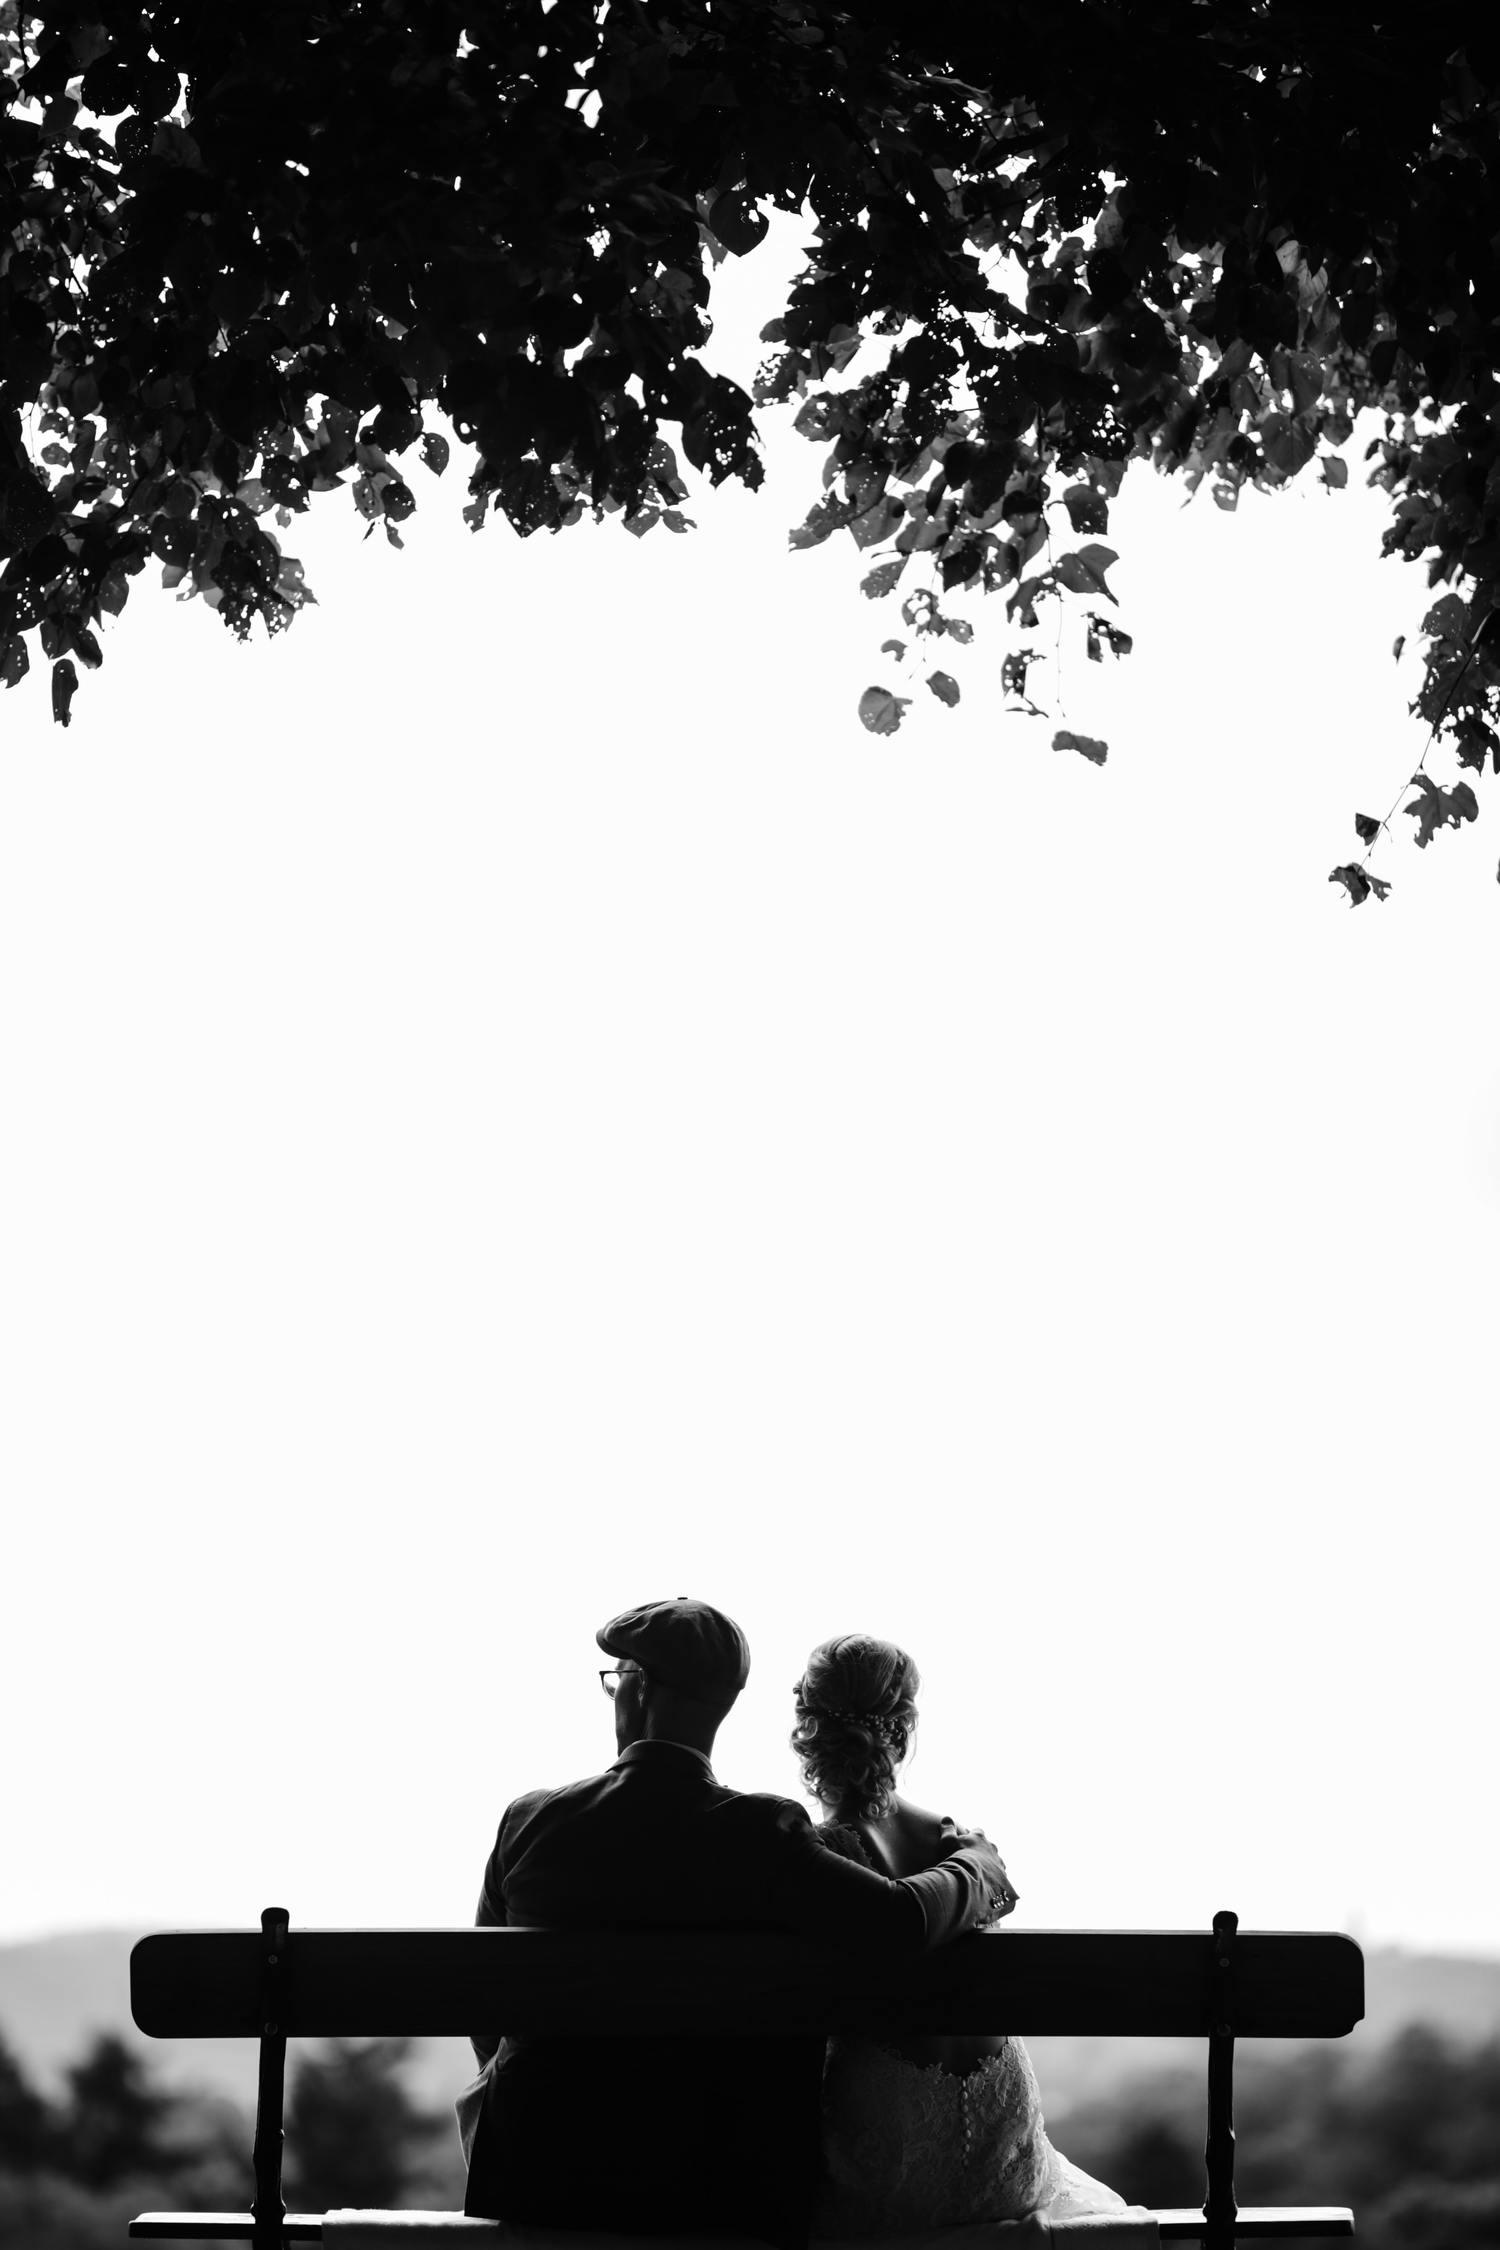 Ejemplo de composición fotográfica en blanco y negro. Novios en un banco.